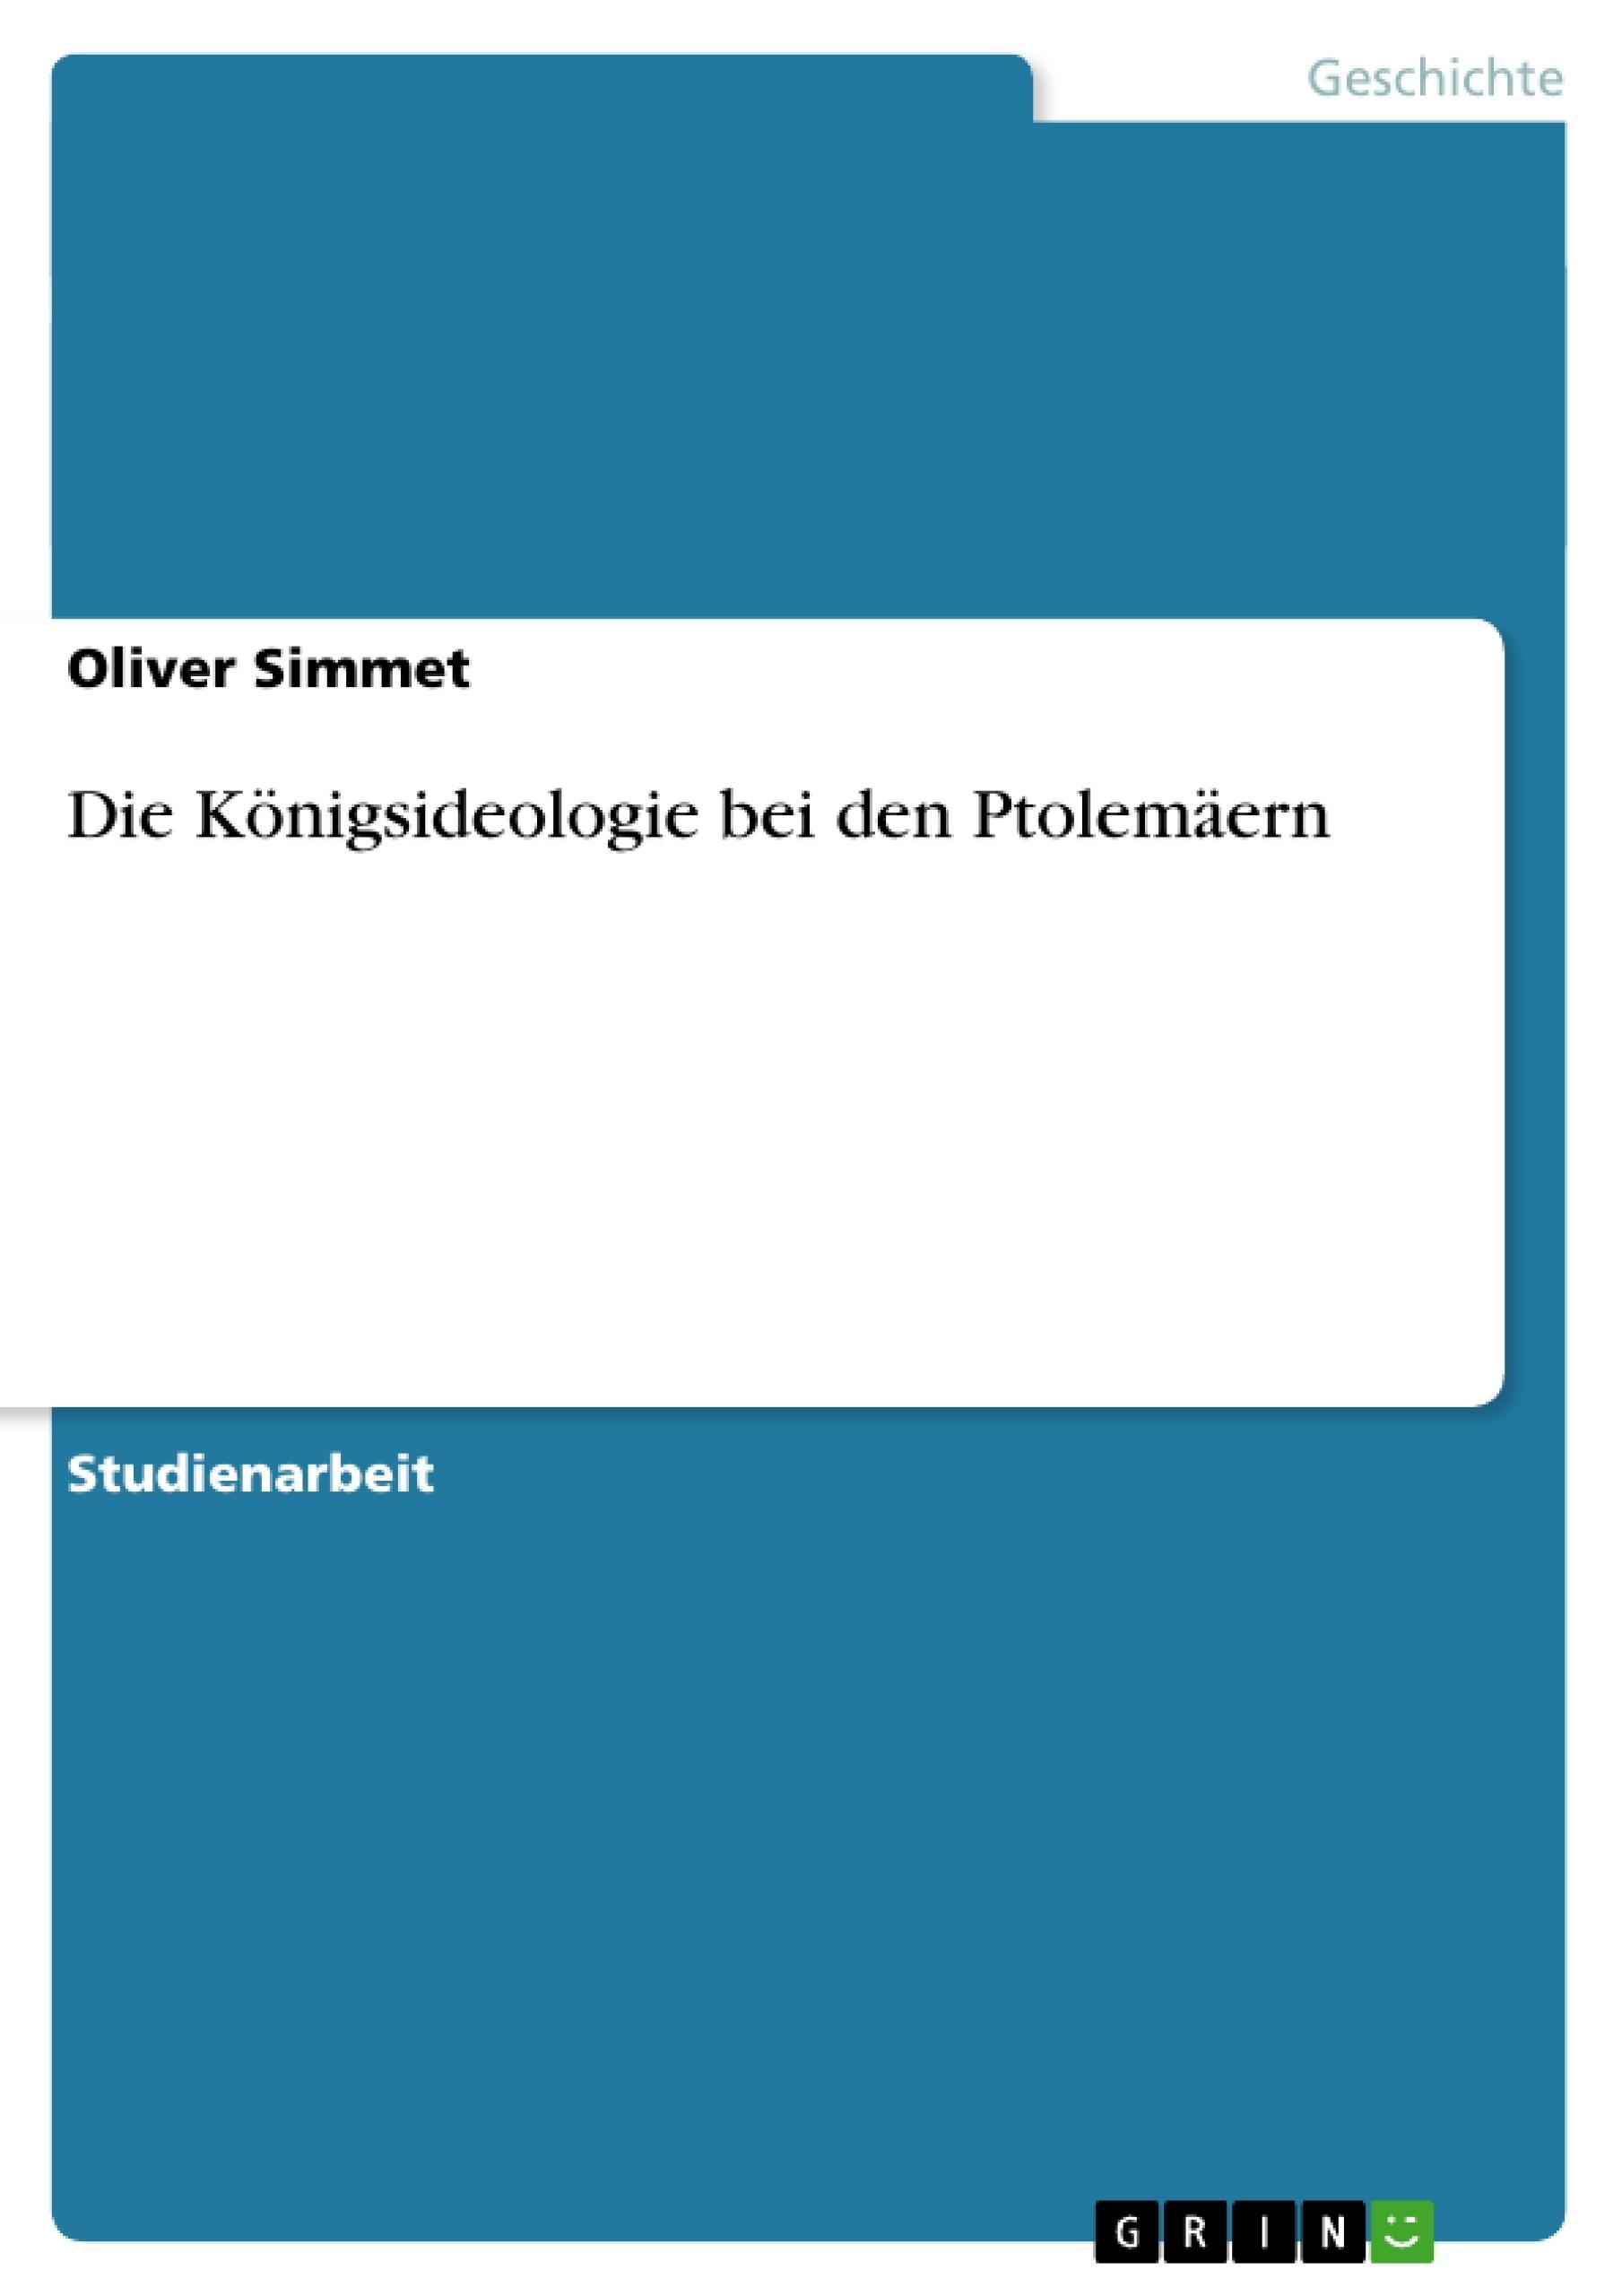 Titel: Die Königsideologie bei den Ptolemäern